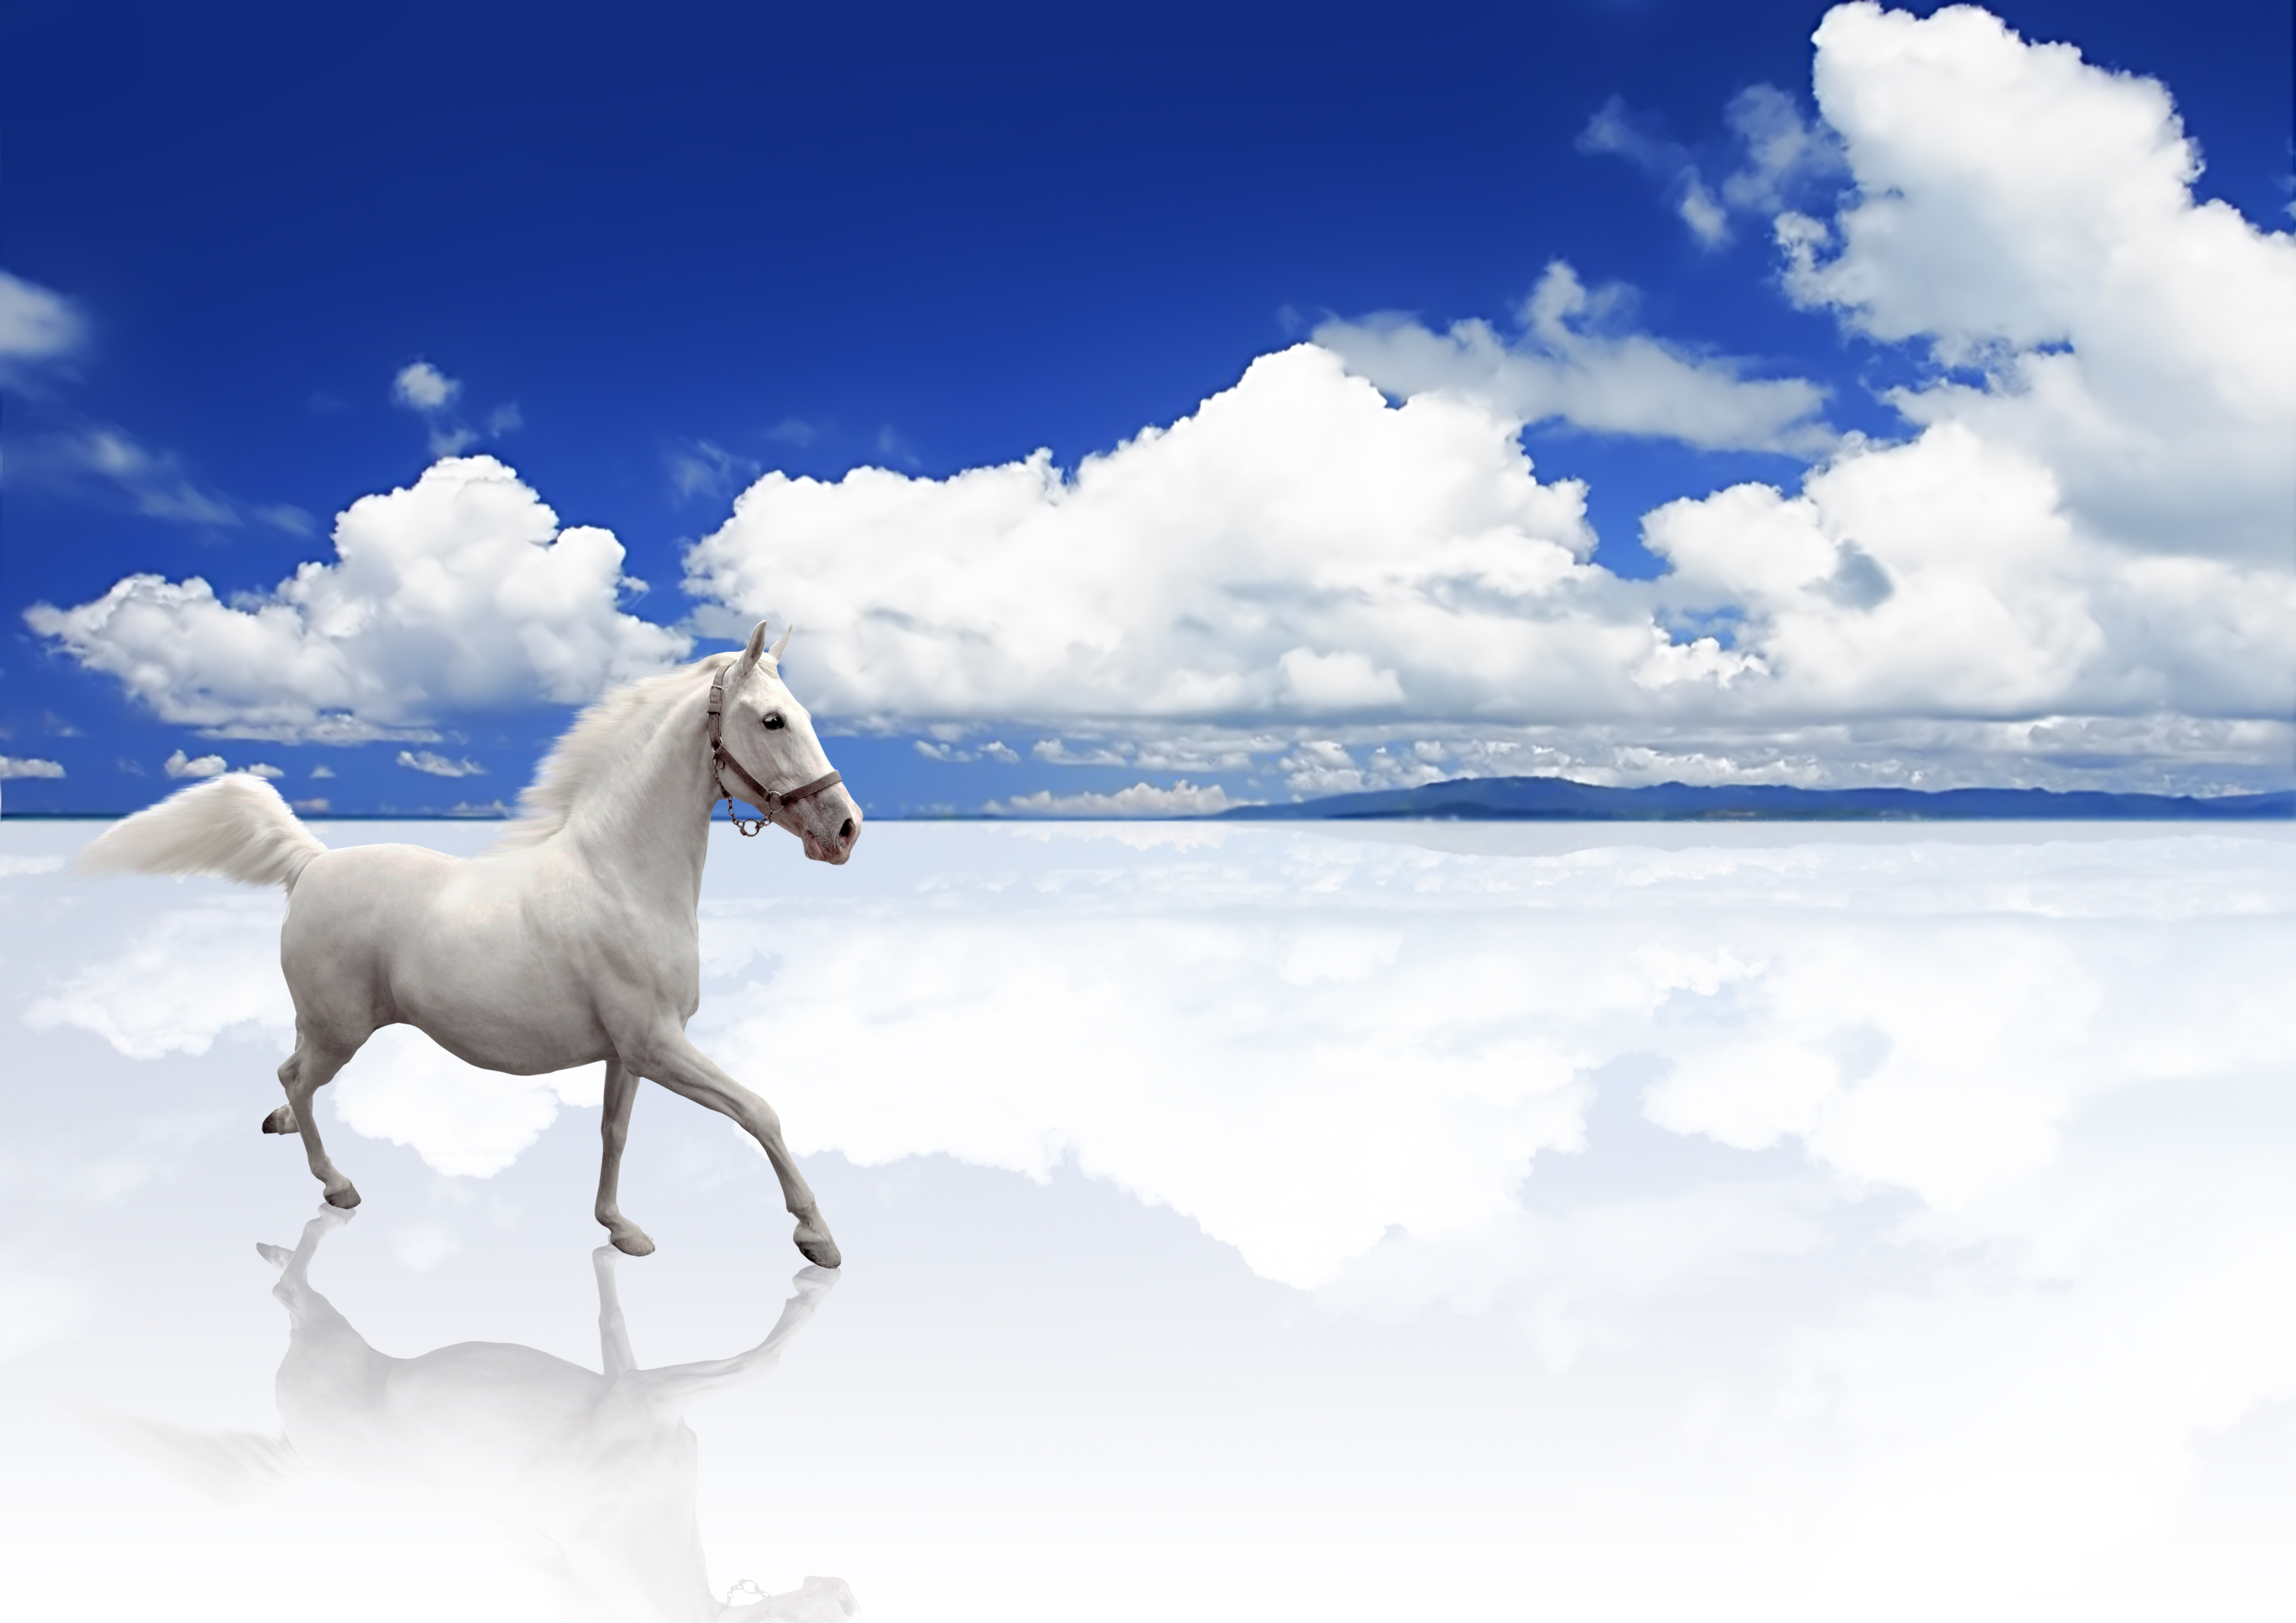 Фотография лошади для шпигеля календаря на 2014 год at Печать на ...